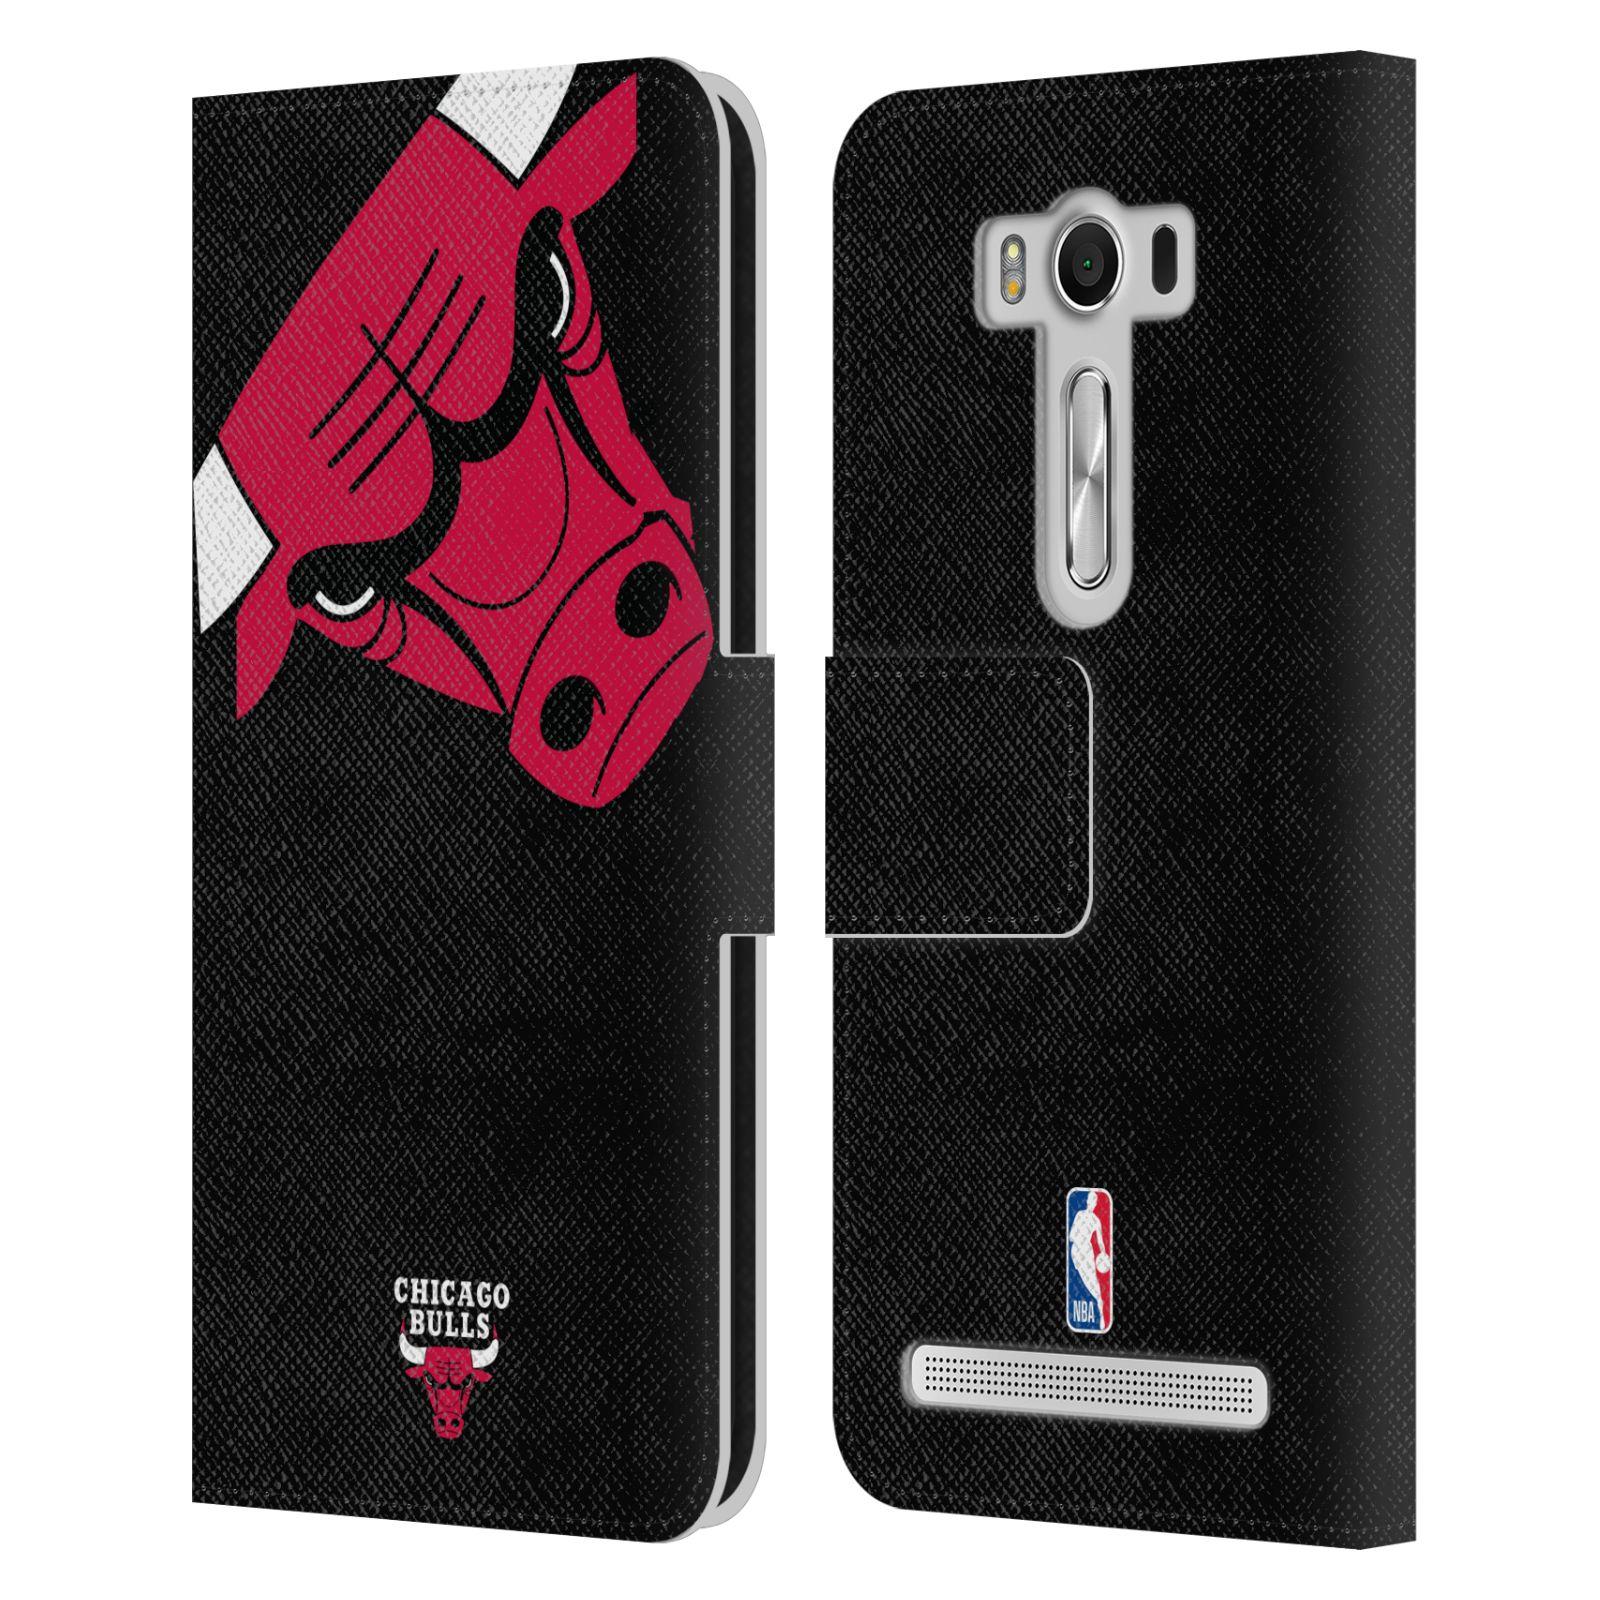 Pouzdro na mobil Asus Zenfone 2 Laser ZE500KL - Head Case -NBA - Chicago Bulls červená barva velký znak